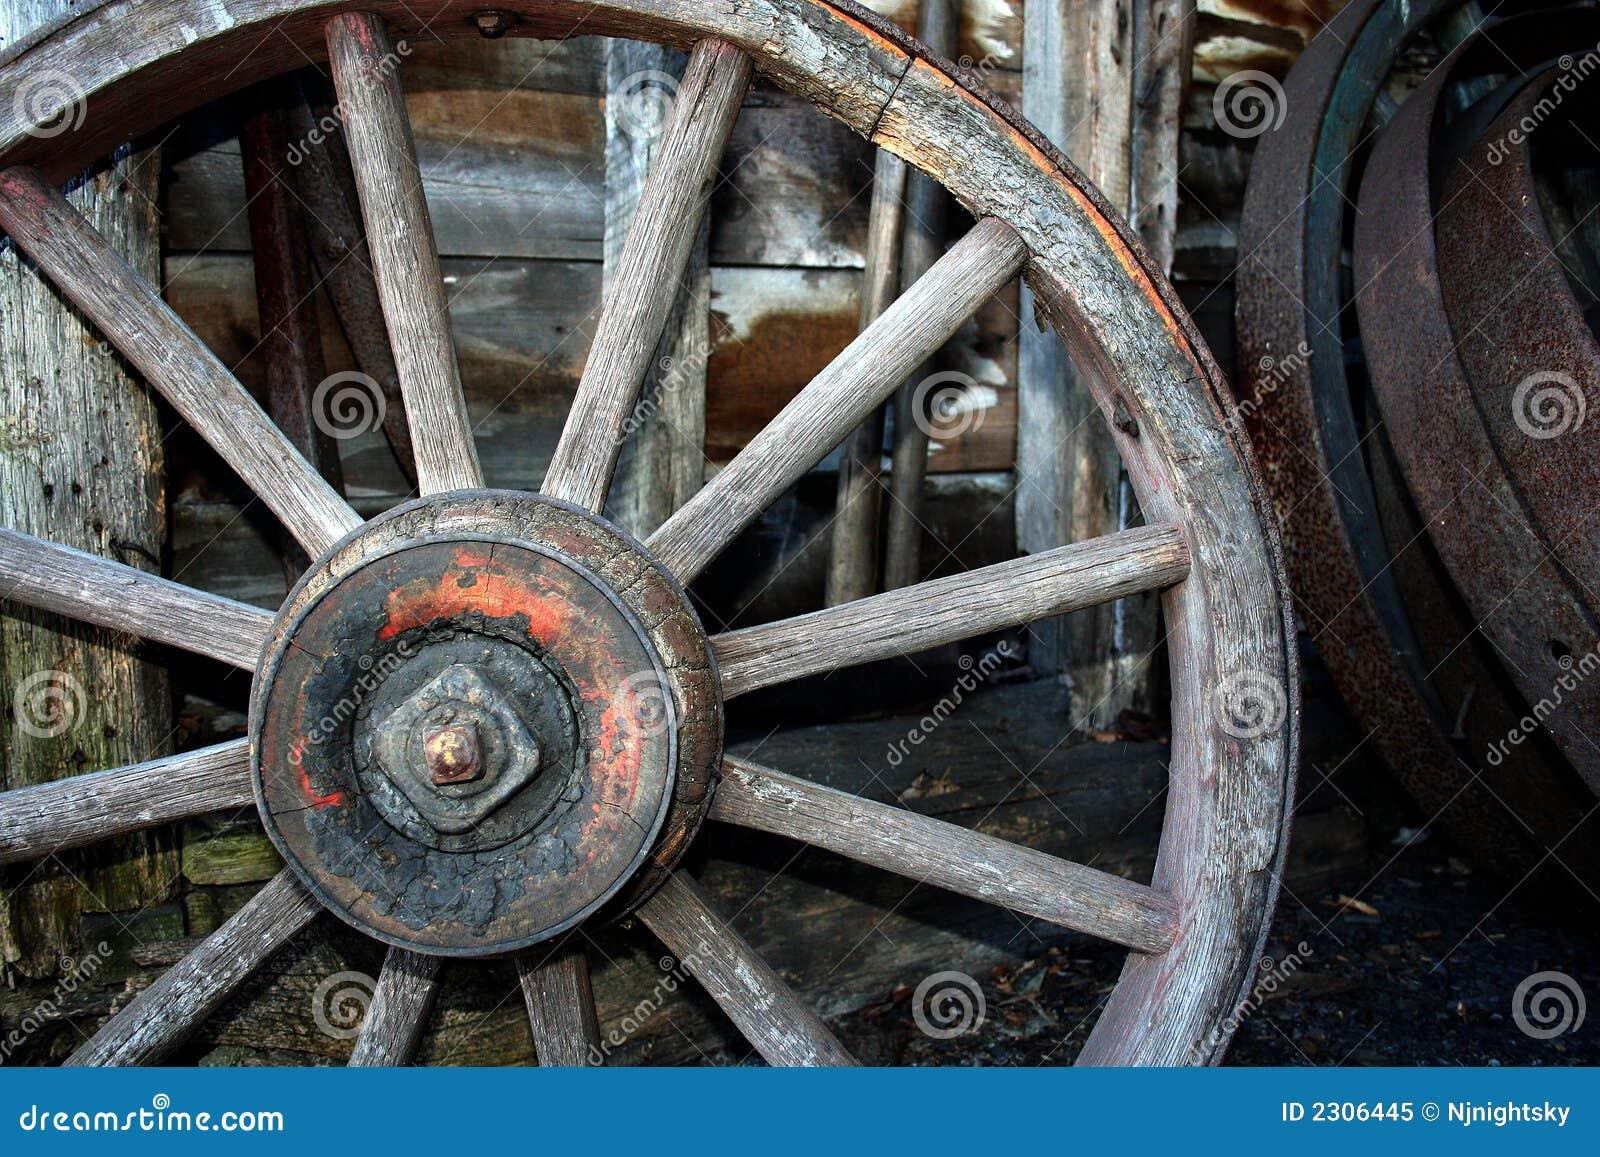 vieille roue en bois de chariot photo libre de droits. Black Bedroom Furniture Sets. Home Design Ideas